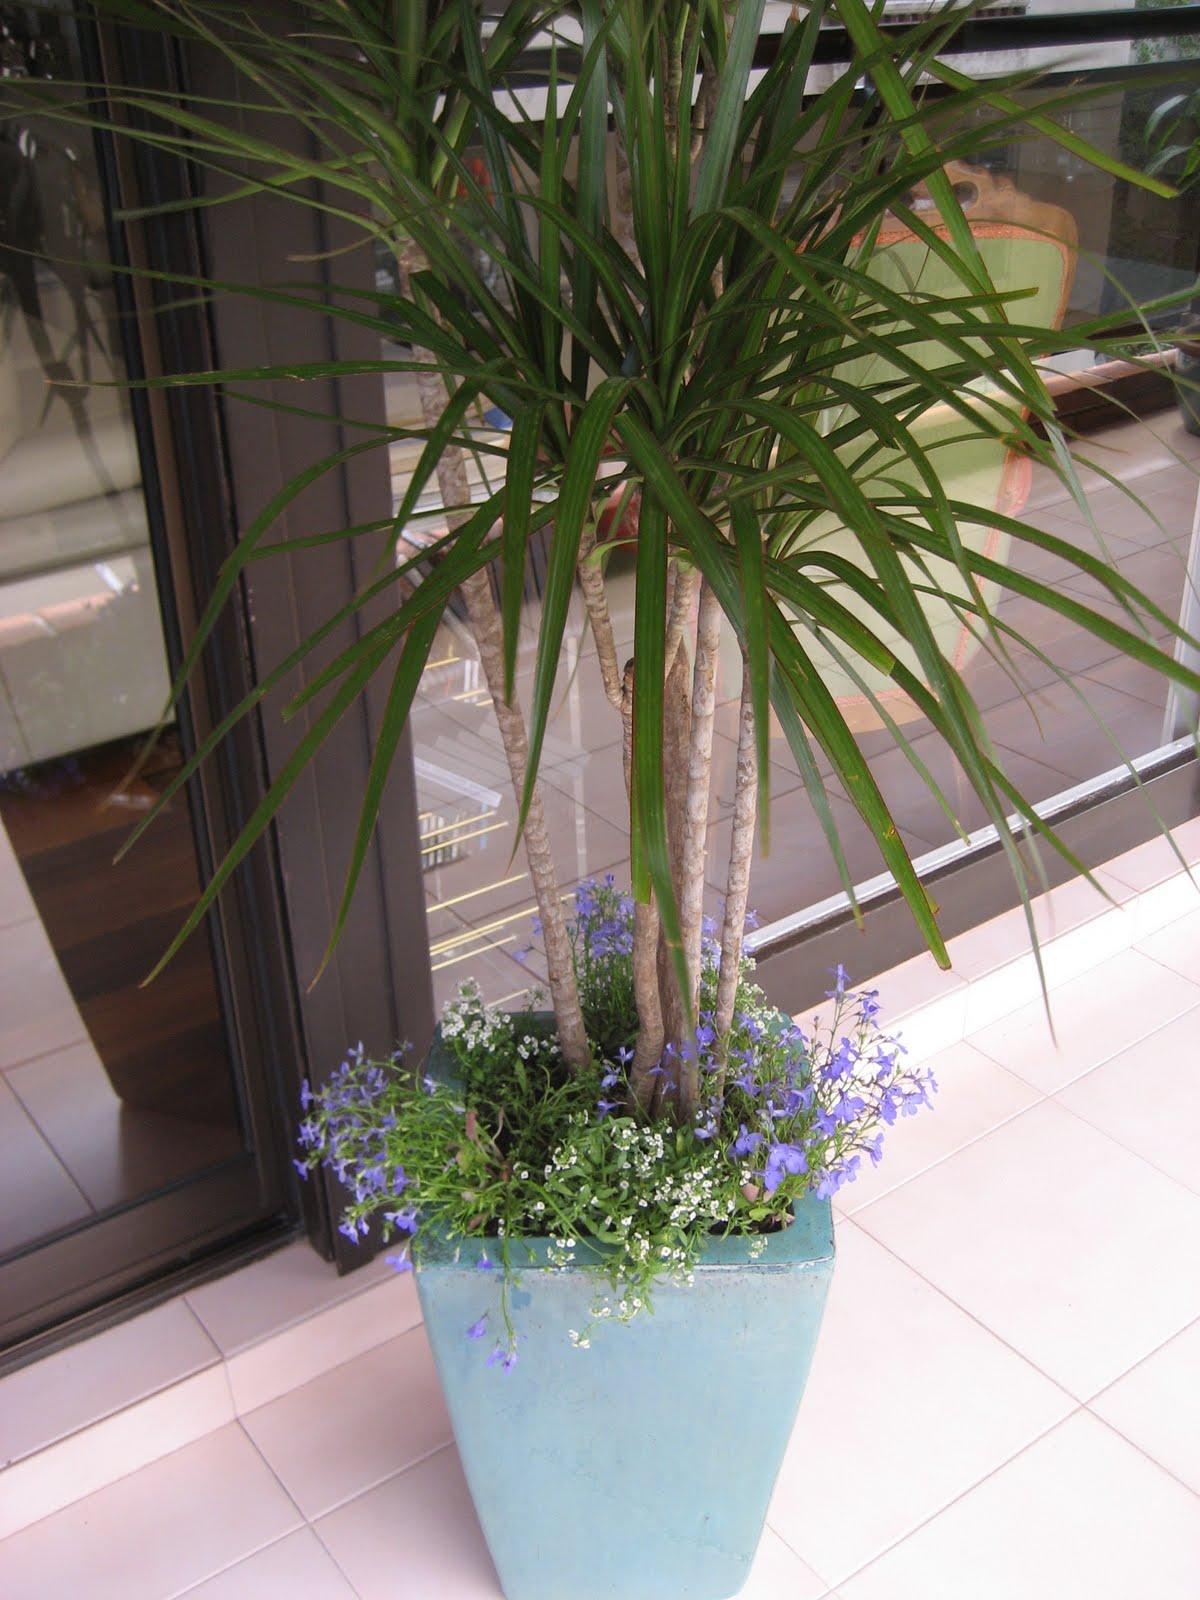 Planificaci n de espacios verdes arreglos florales for Plantas verdes de interior